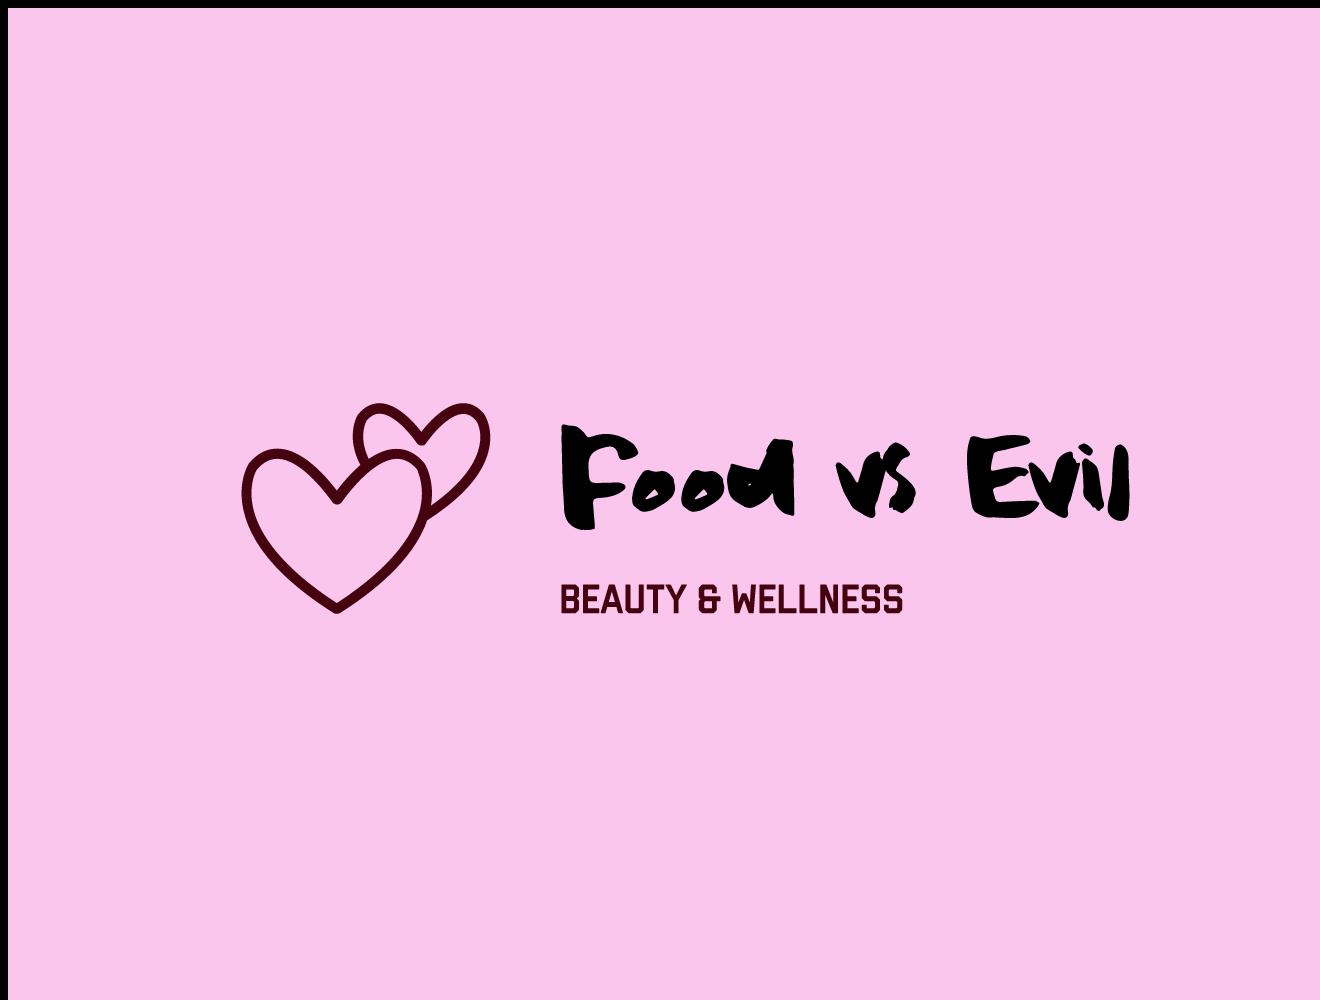 Food vs Evil